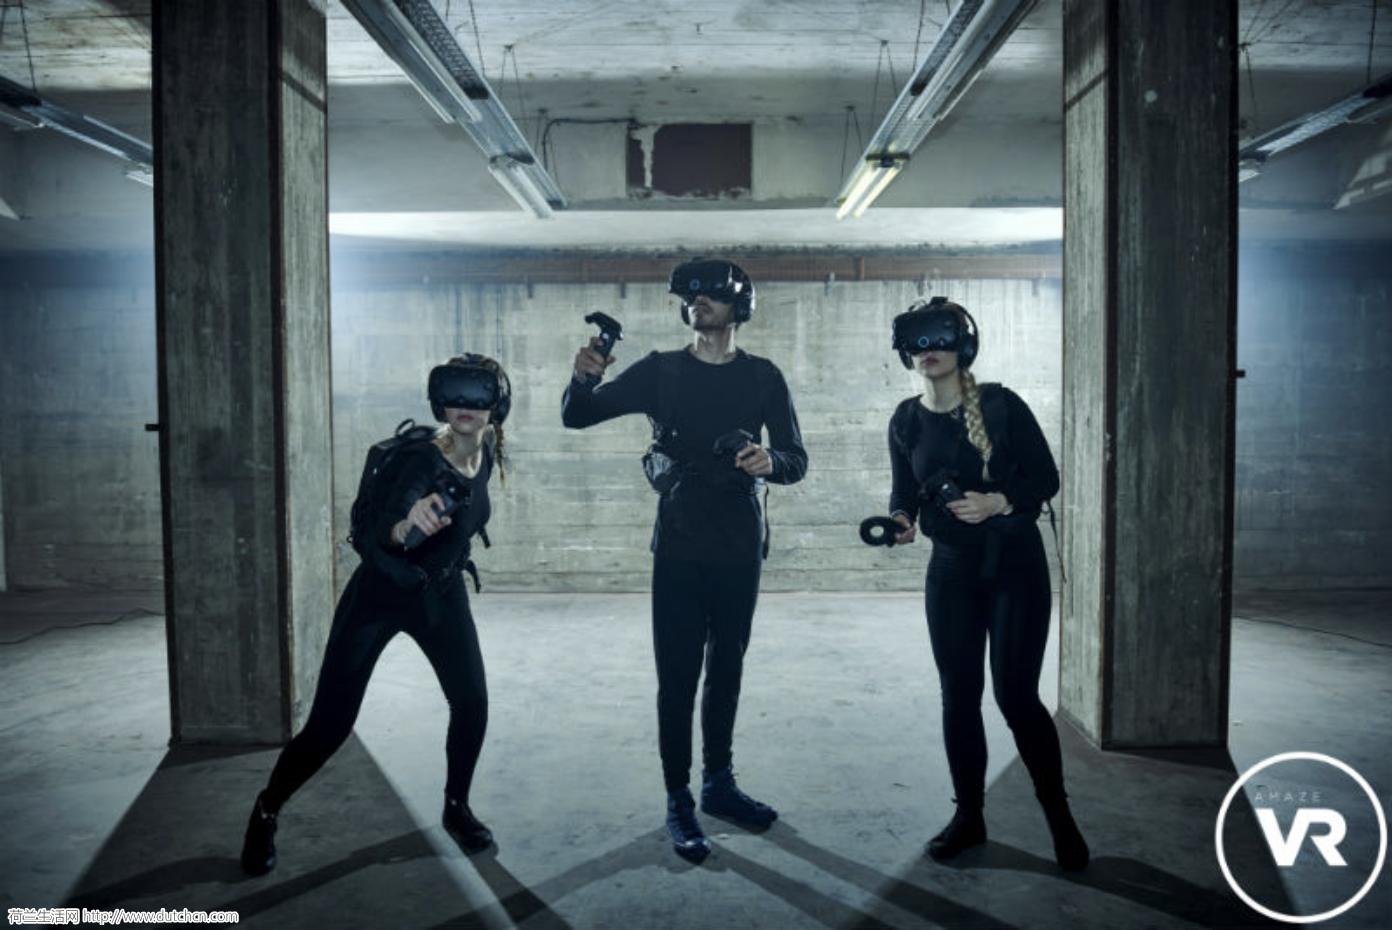 新玩意!VR高科技虚拟现实密室逃脱,拯救世界就看你了!